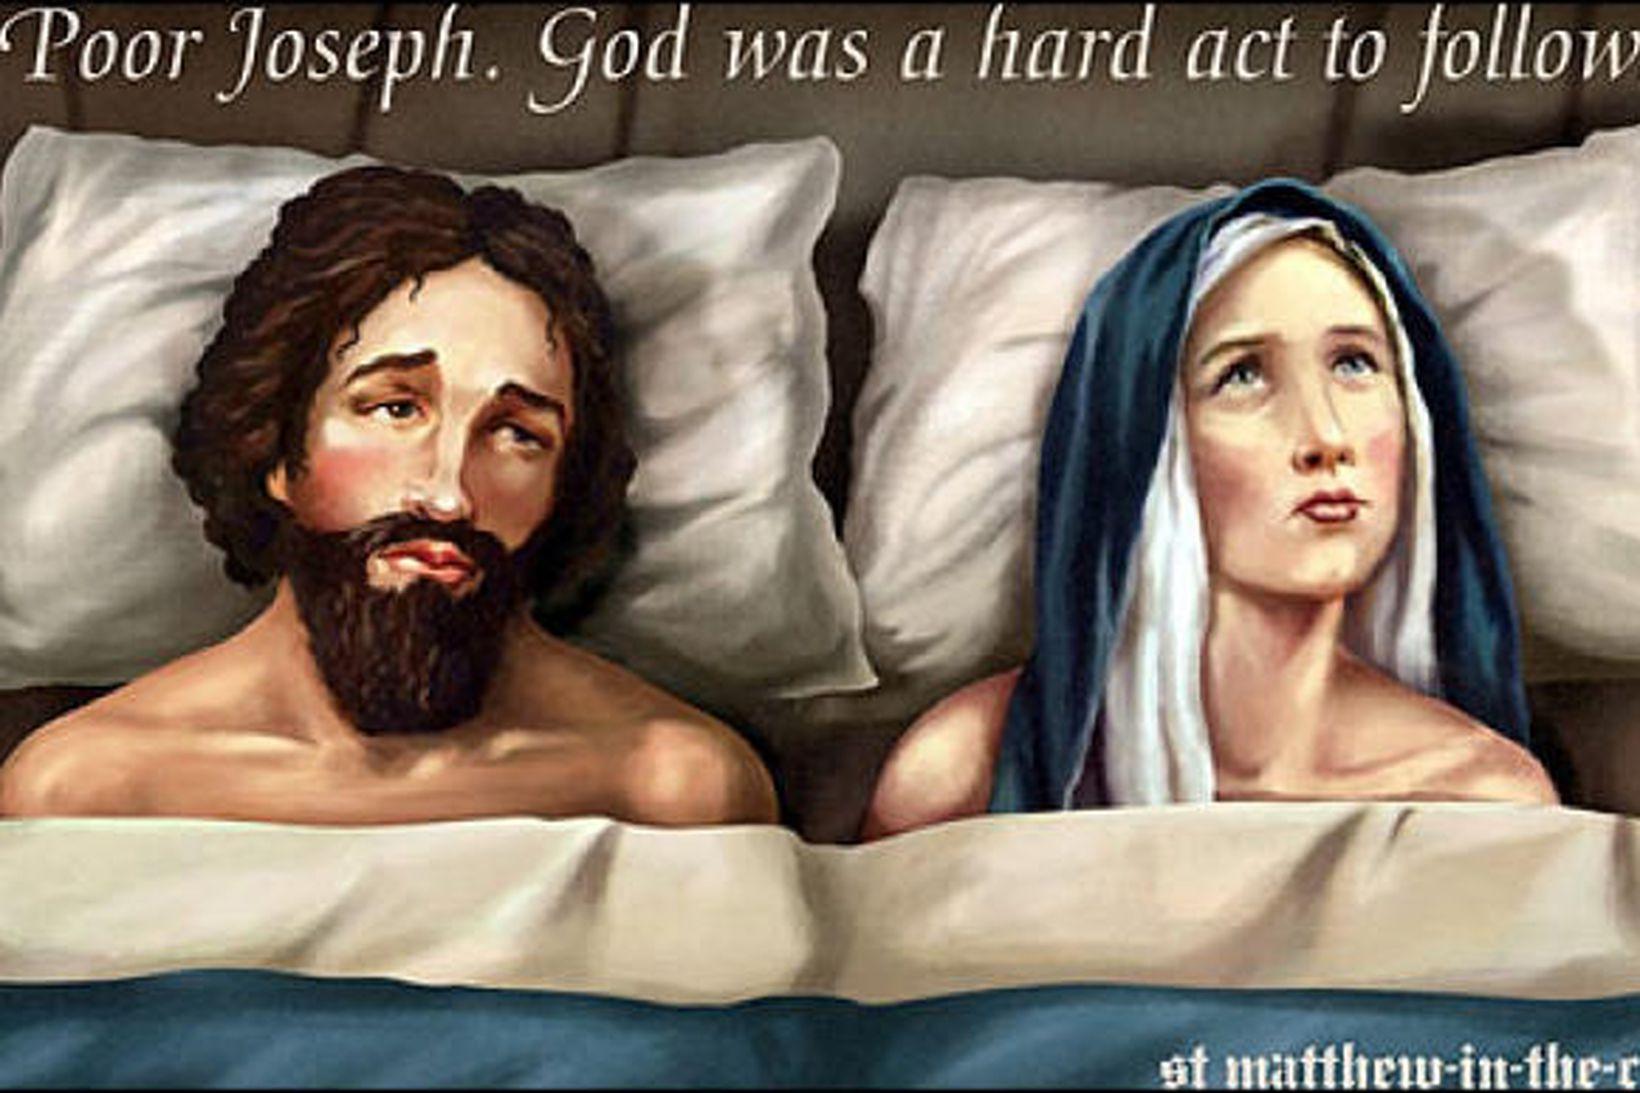 Myndin á skiltinu umdeilda sýndi Jósef og Maríu í rúminu.